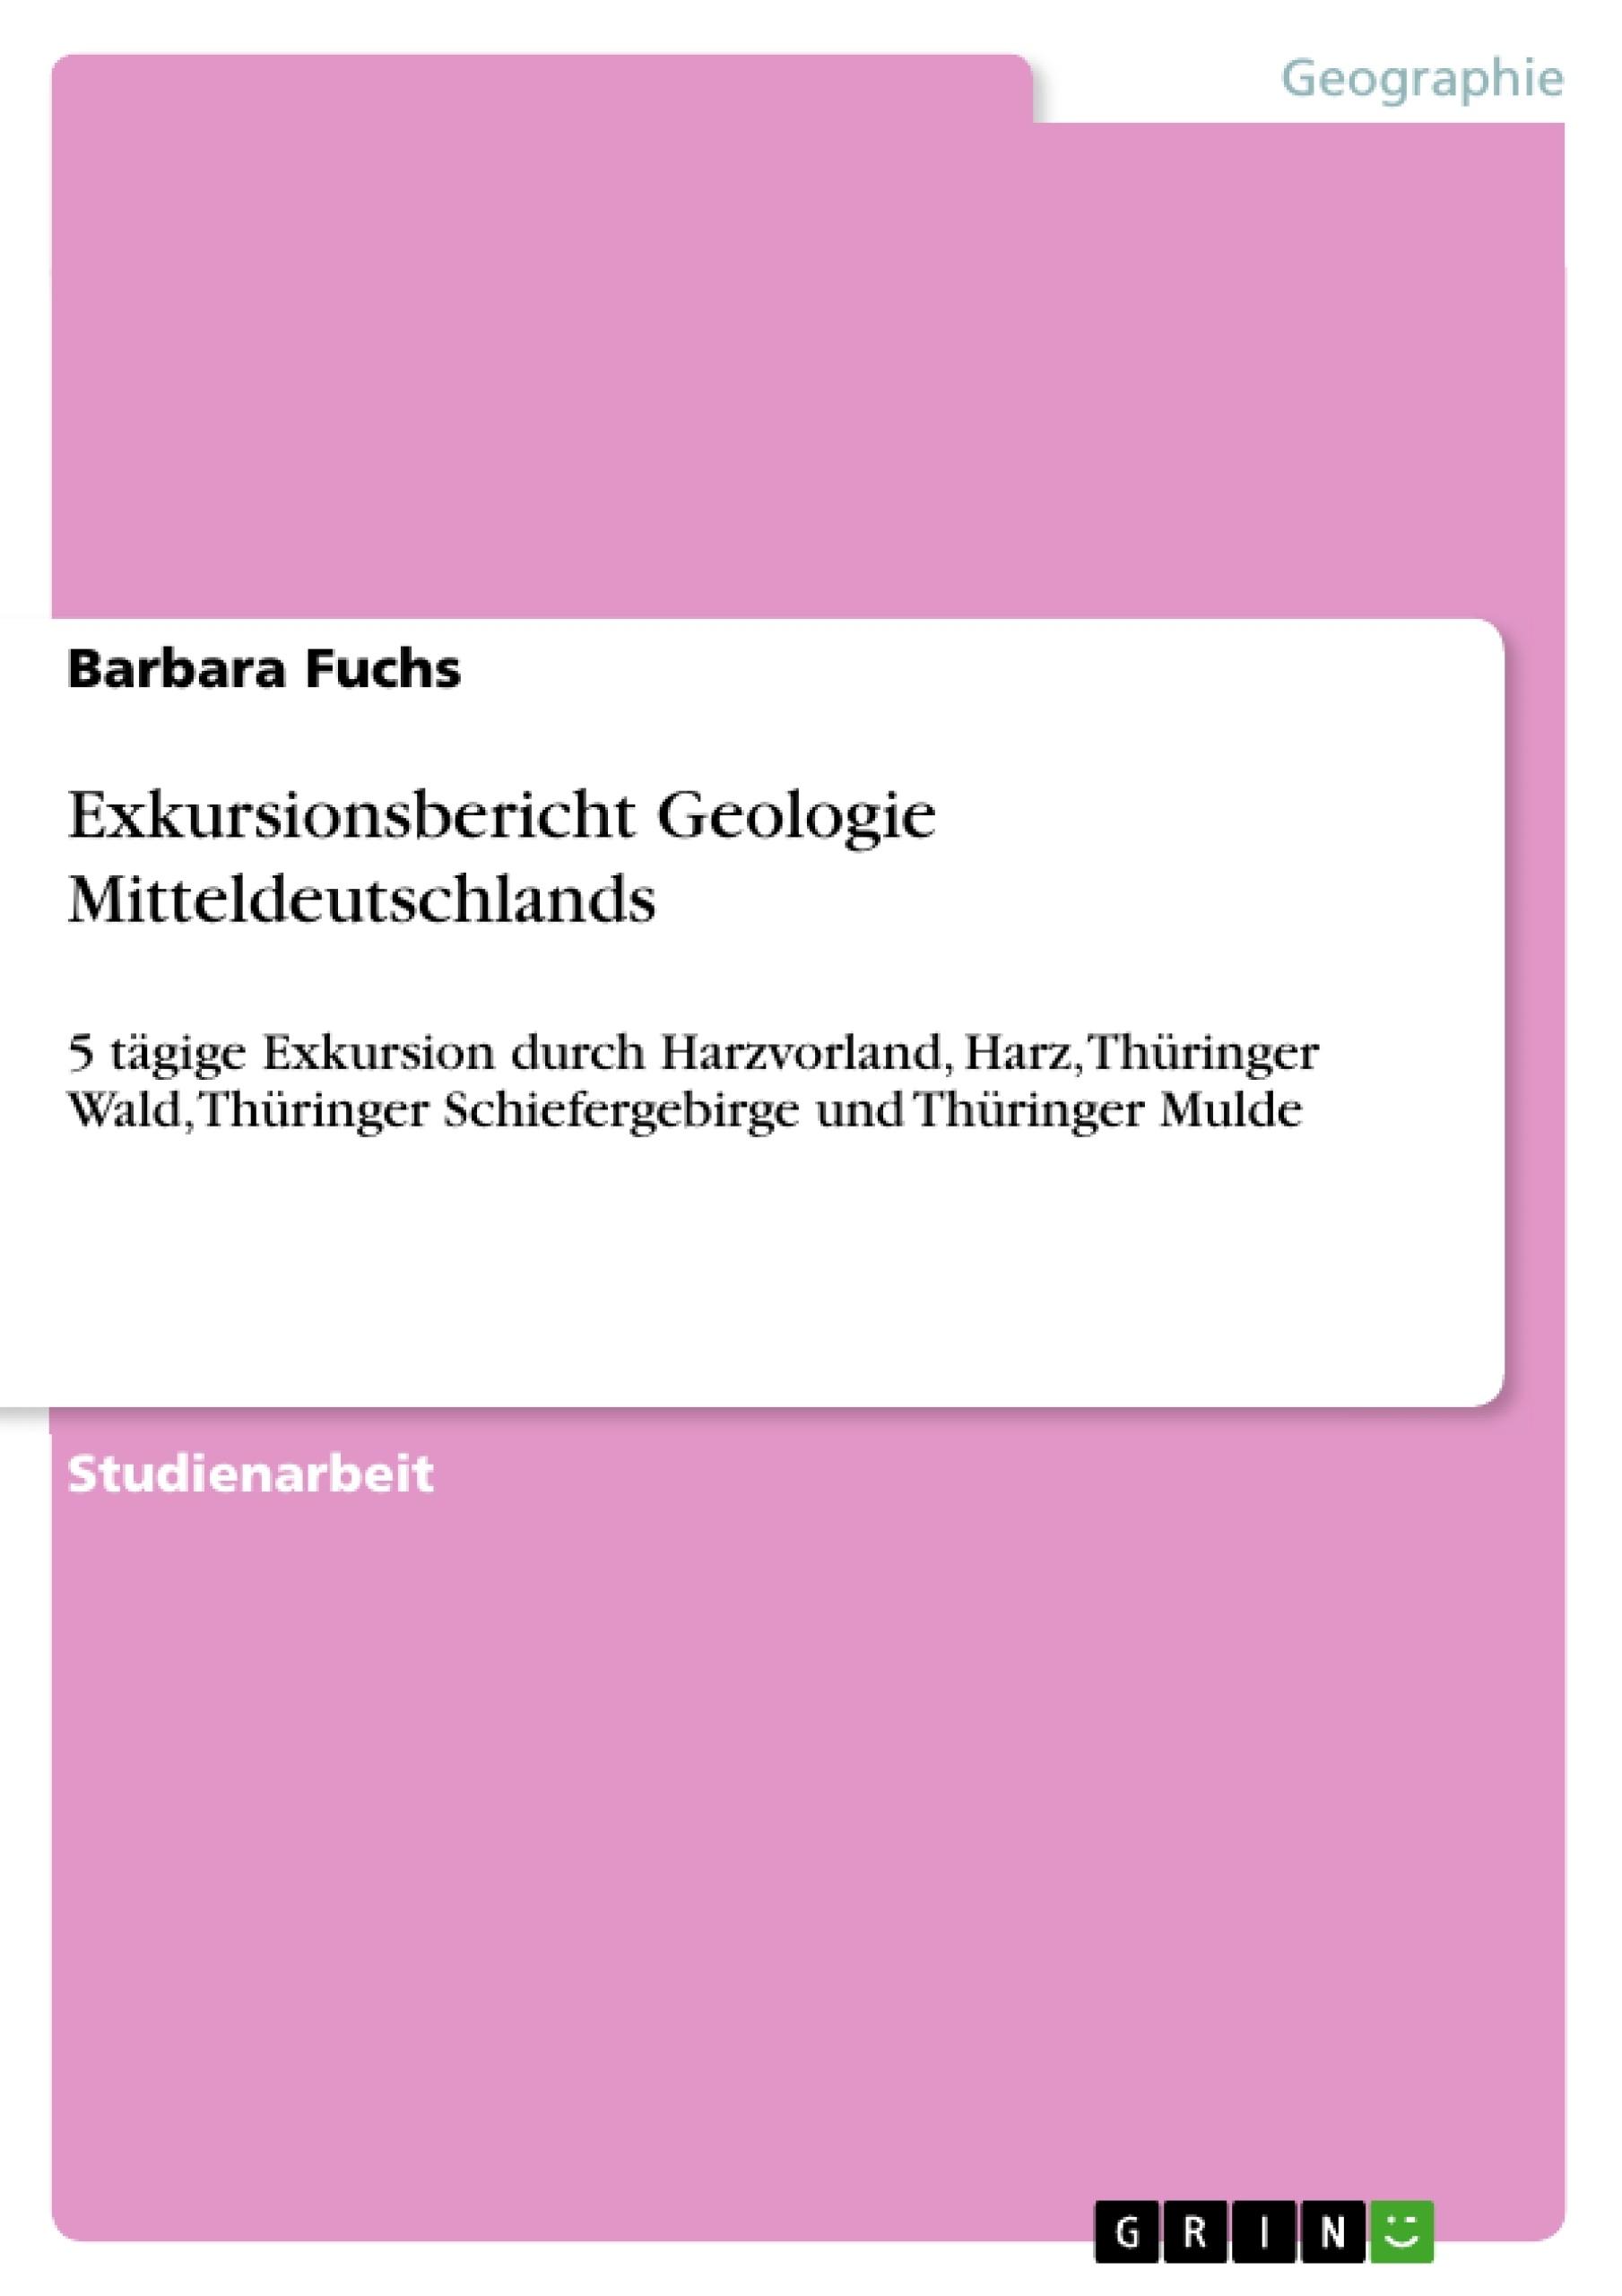 Titel: Exkursionsbericht Geologie Mitteldeutschlands